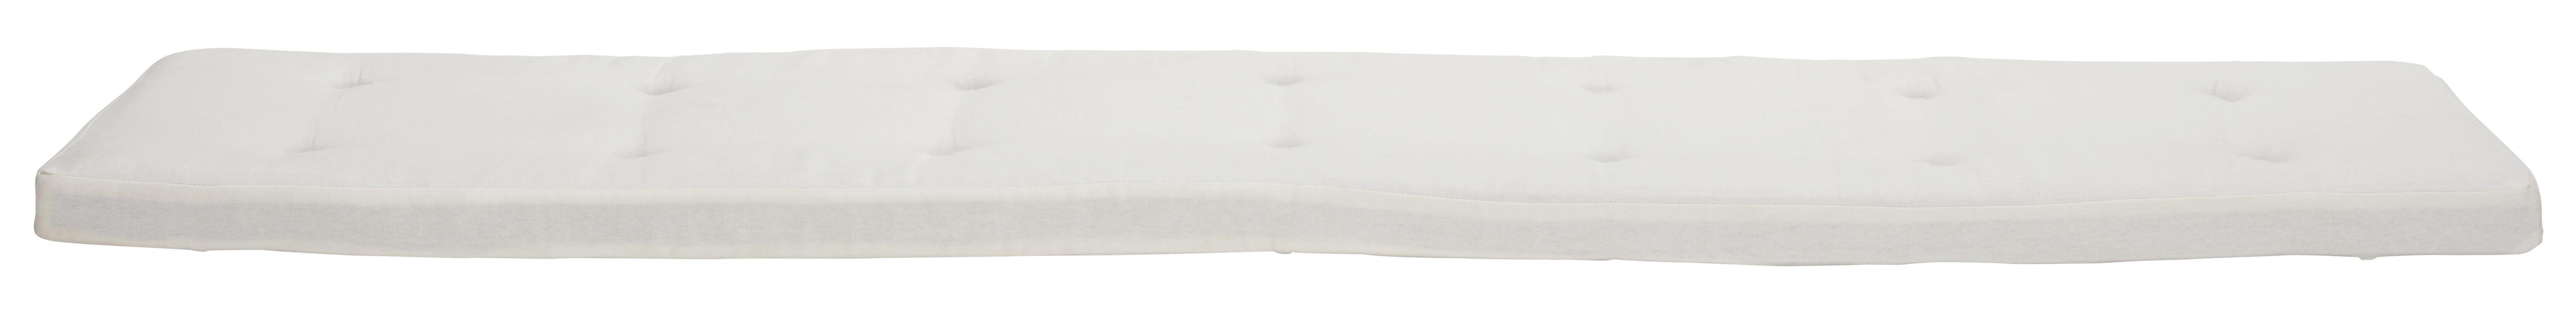 SEDÁK - bílá, Lifestyle, textil (160/5/40cm) - LANDSCAPE